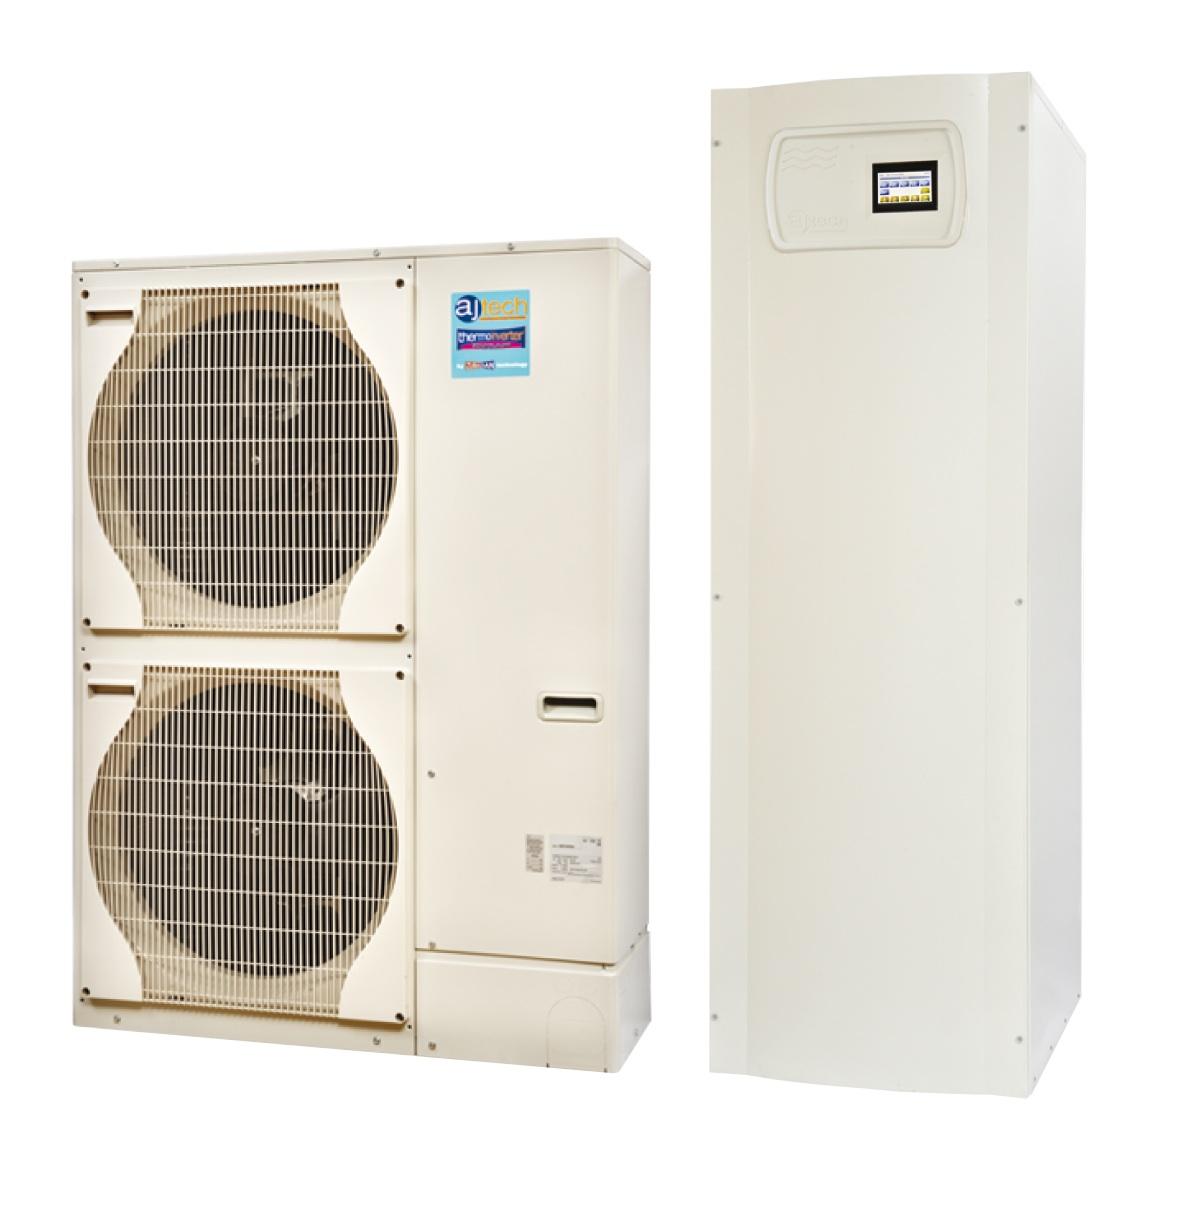 nouveaux produits clim diffusion pompe chaleur climatisation r frig ration. Black Bedroom Furniture Sets. Home Design Ideas